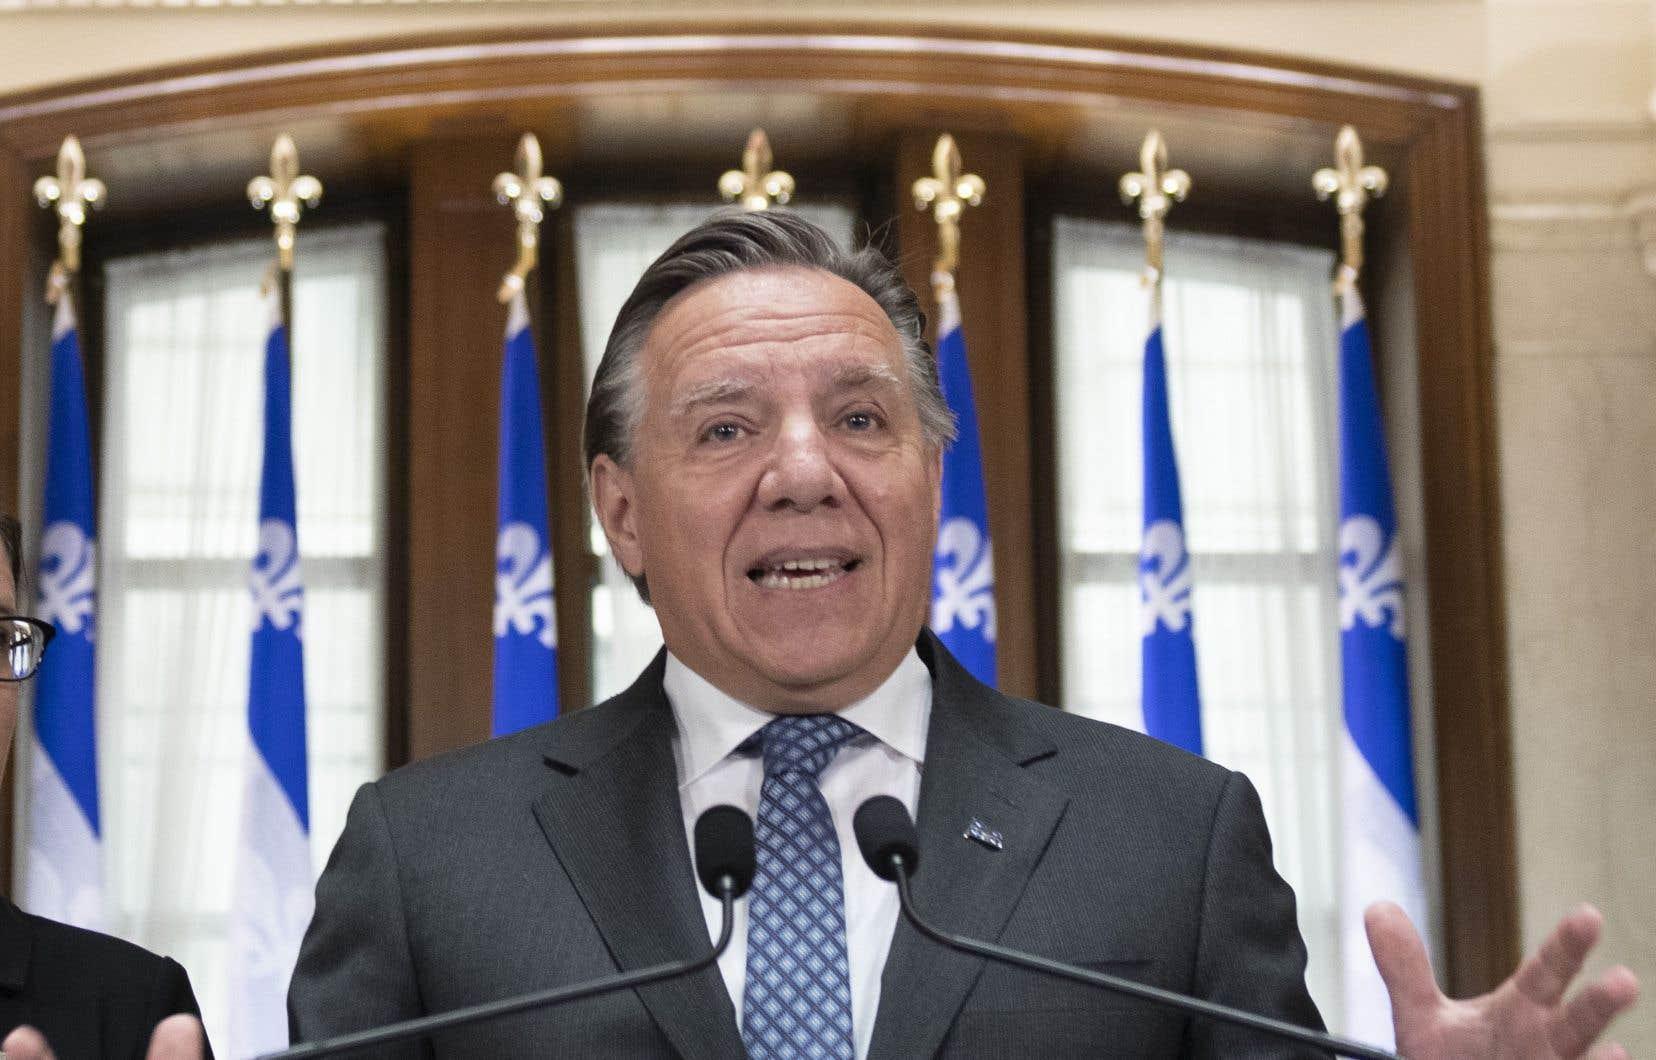 «C'est avec une main tendue que je vous propose de nous aider à bâtir un Québec plus prospère, plus vert et par conséquent plus fier», invite le premier ministre du Québec, François Legault.